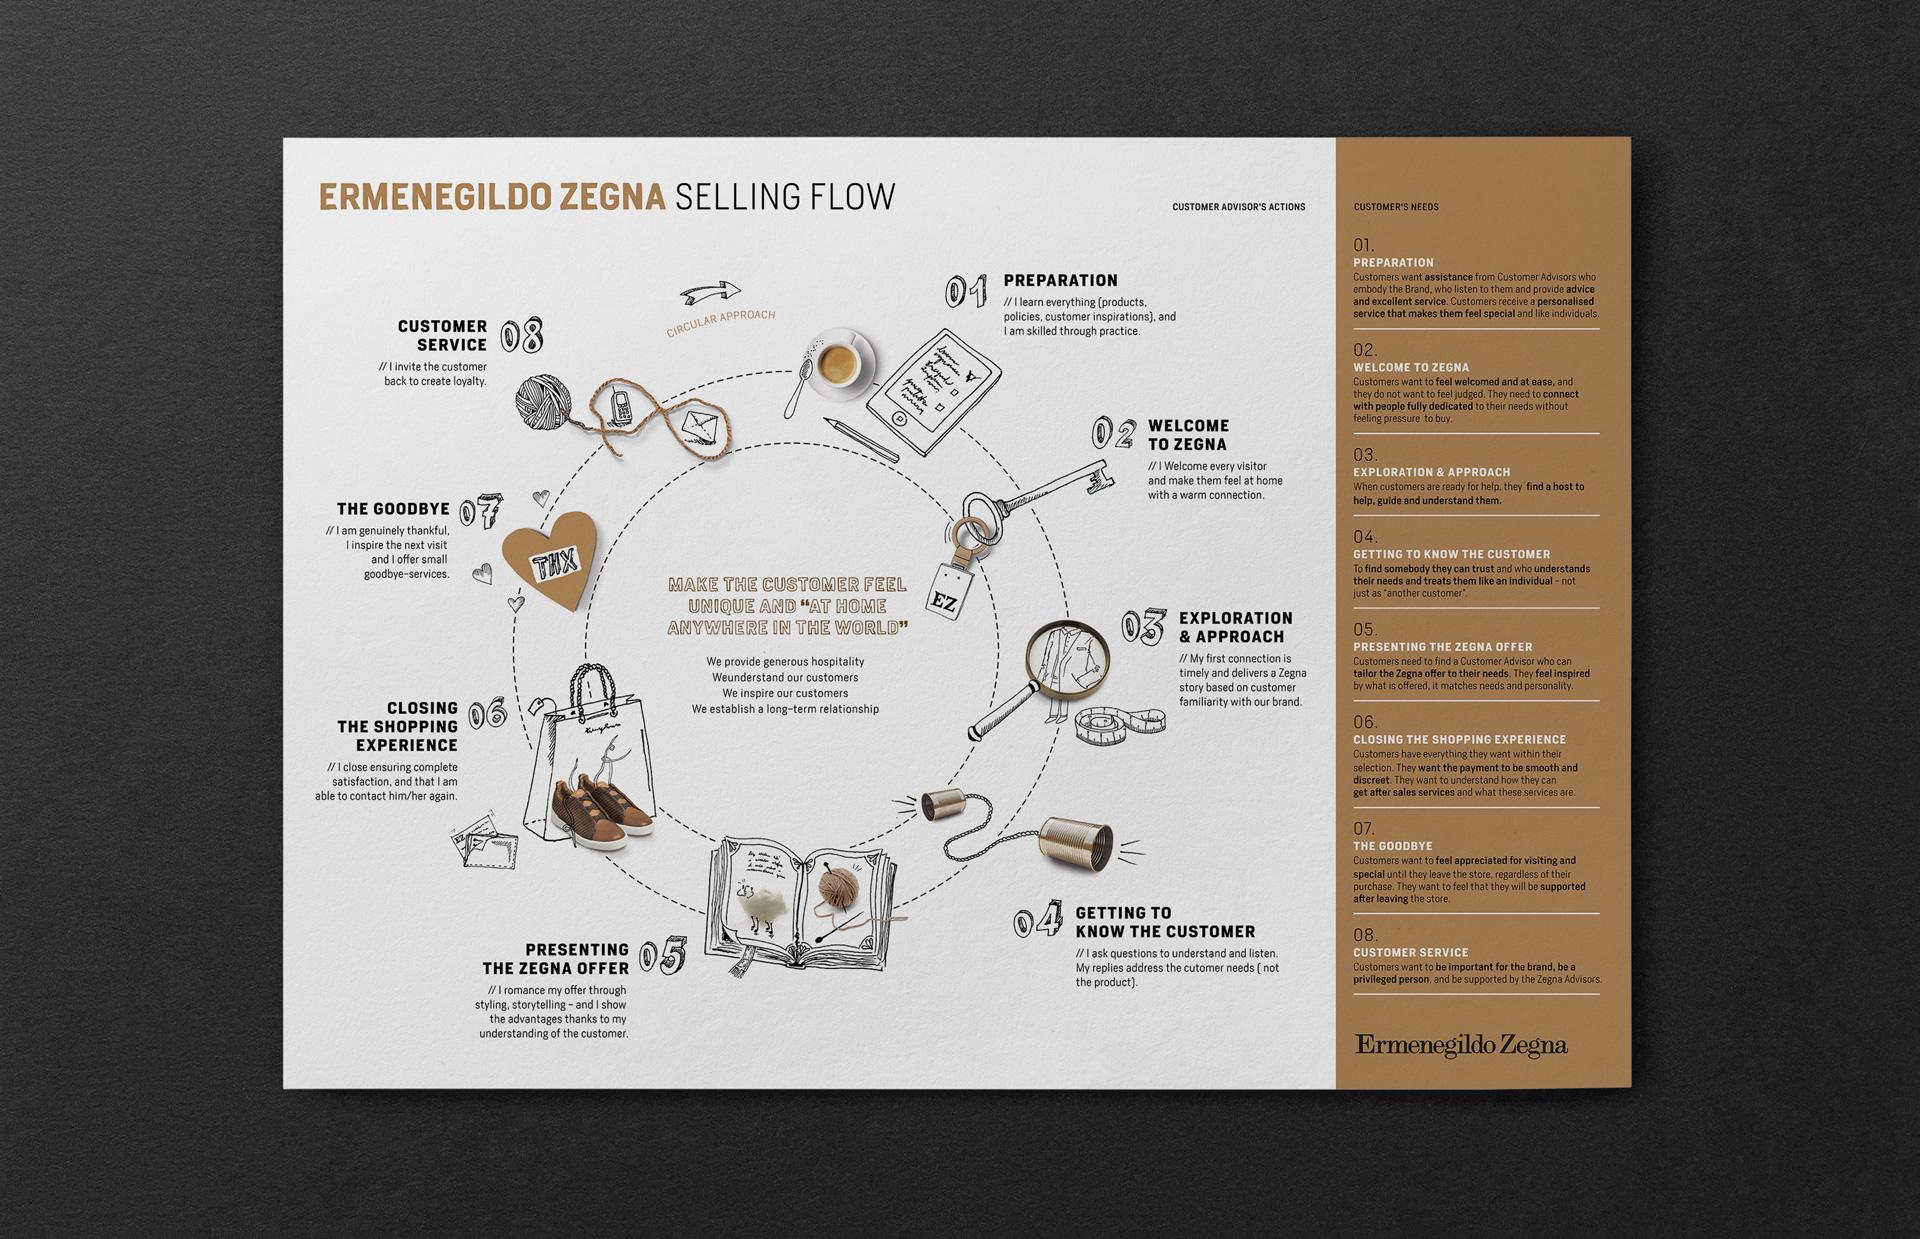 Ermenegildo Zegna selling flow poster